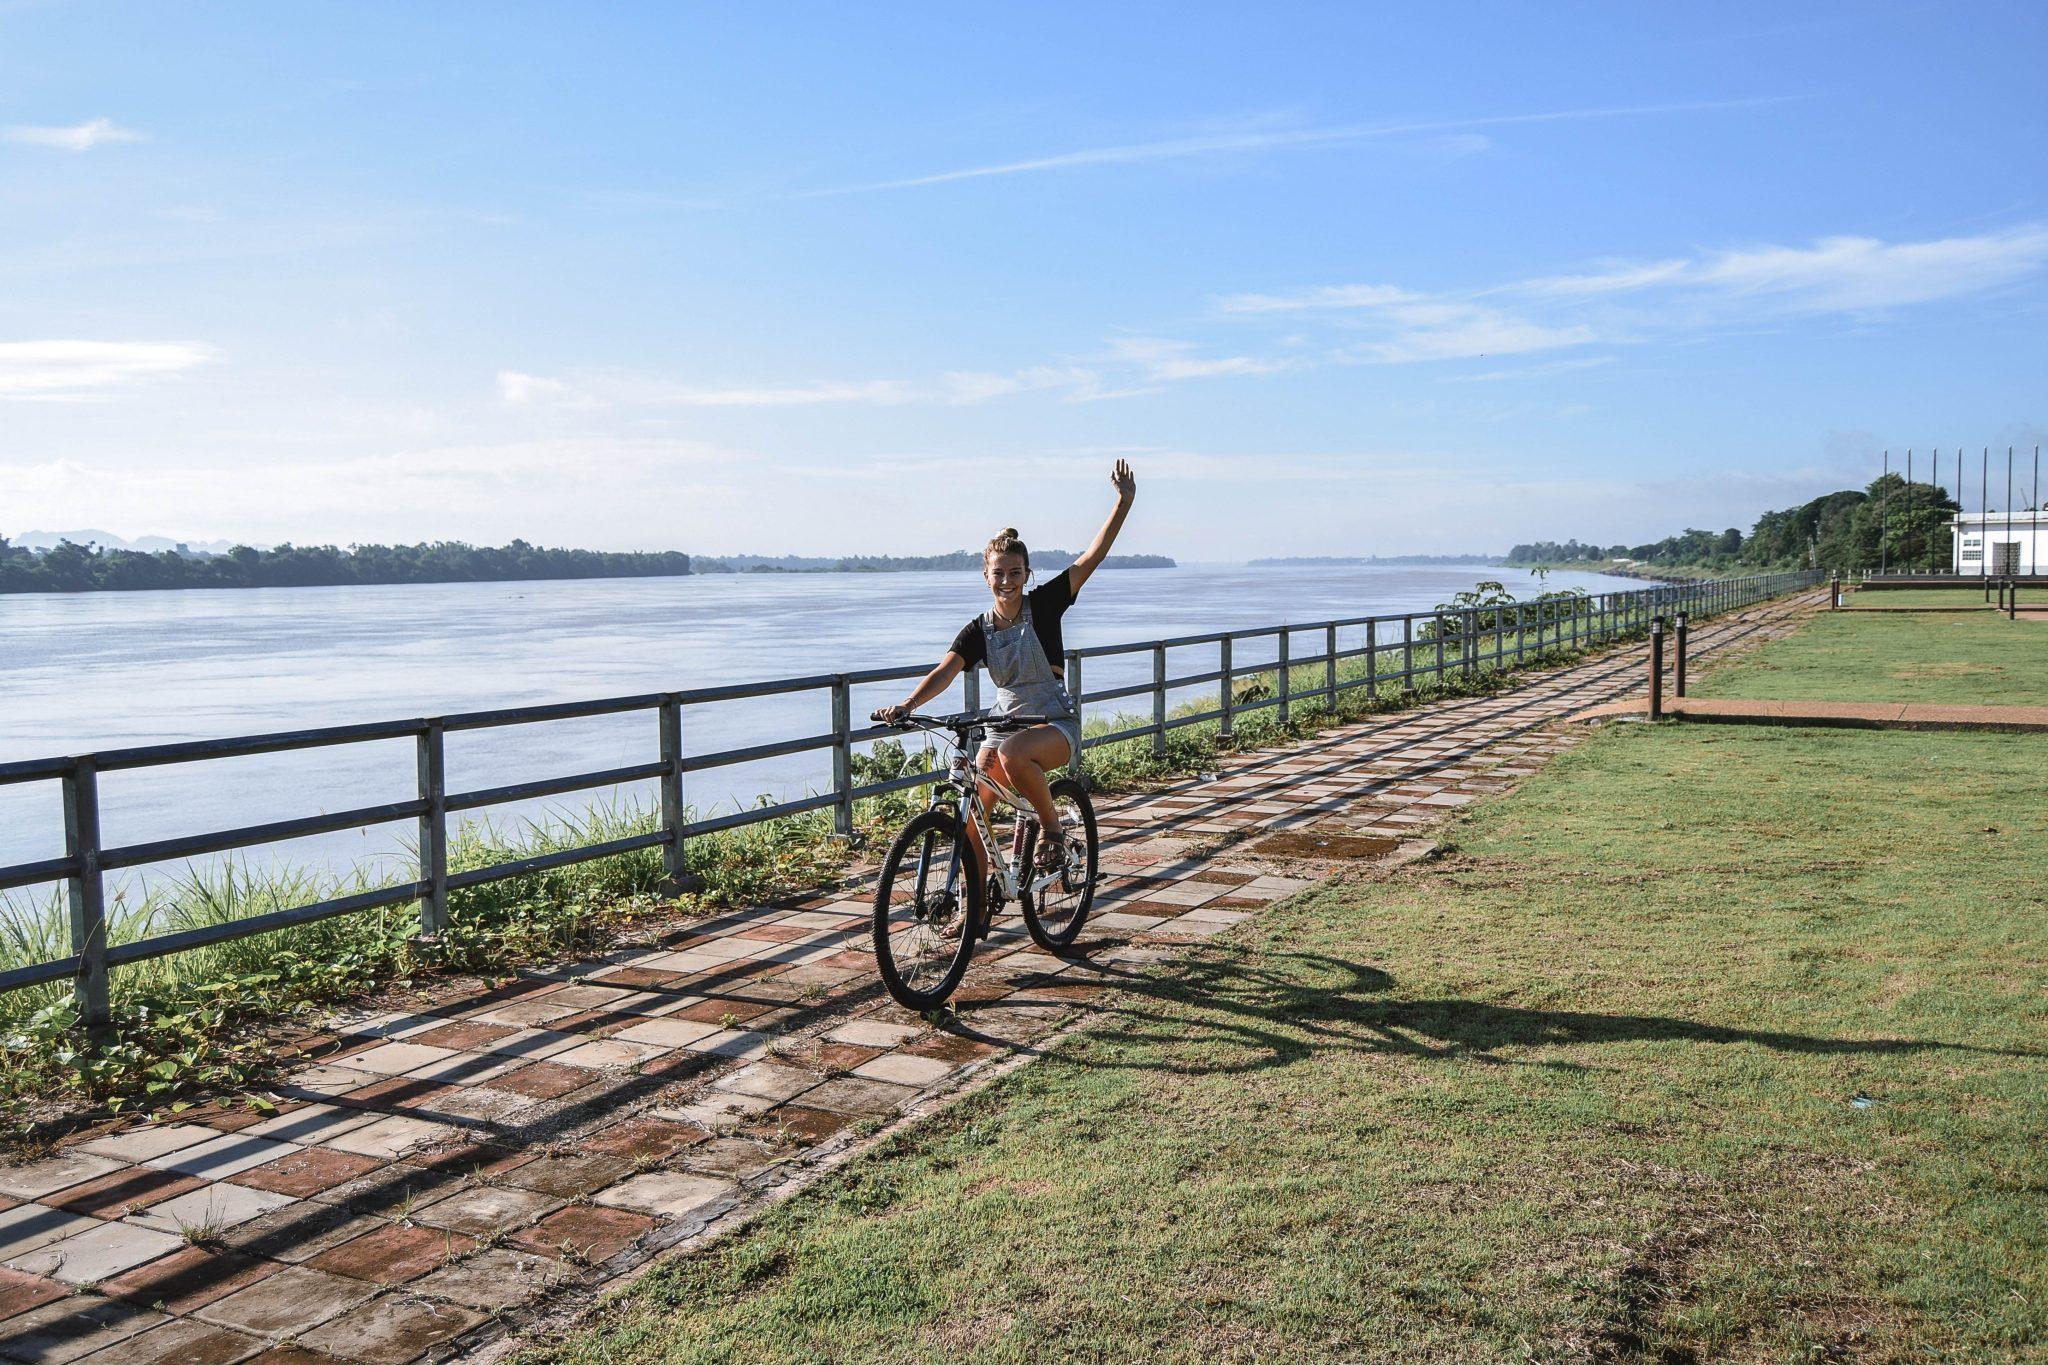 Wanderers & Warriors - Charlie & Lauren UK Travel Couple - 7 Things To Do In Nakhon Phanom - Mekong River Bike Ride